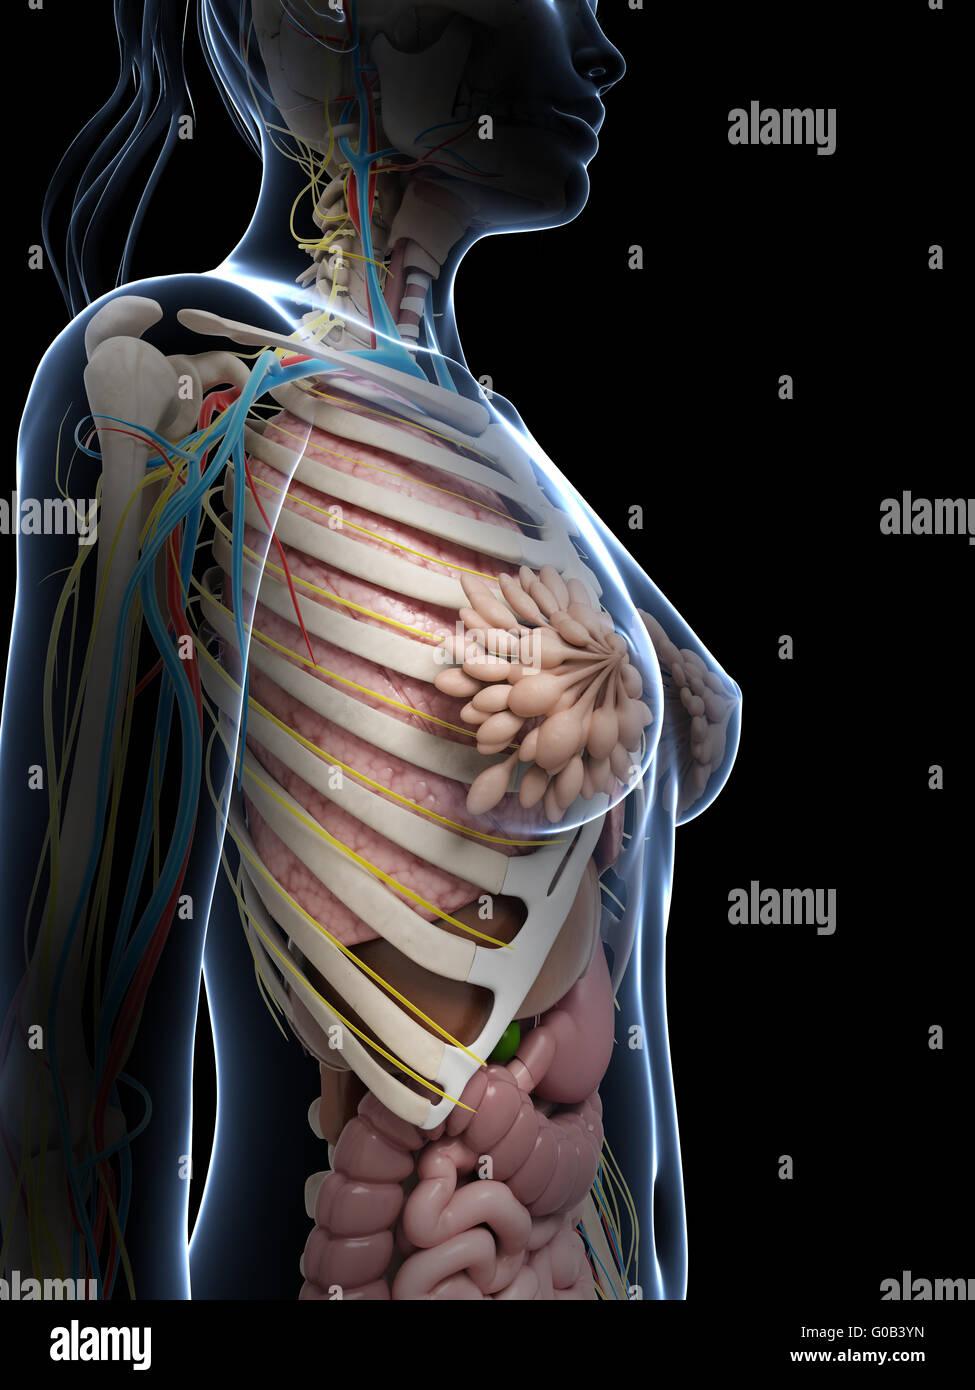 Atemberaubend Querkolon Anatomie Ideen - Menschliche Anatomie Bilder ...